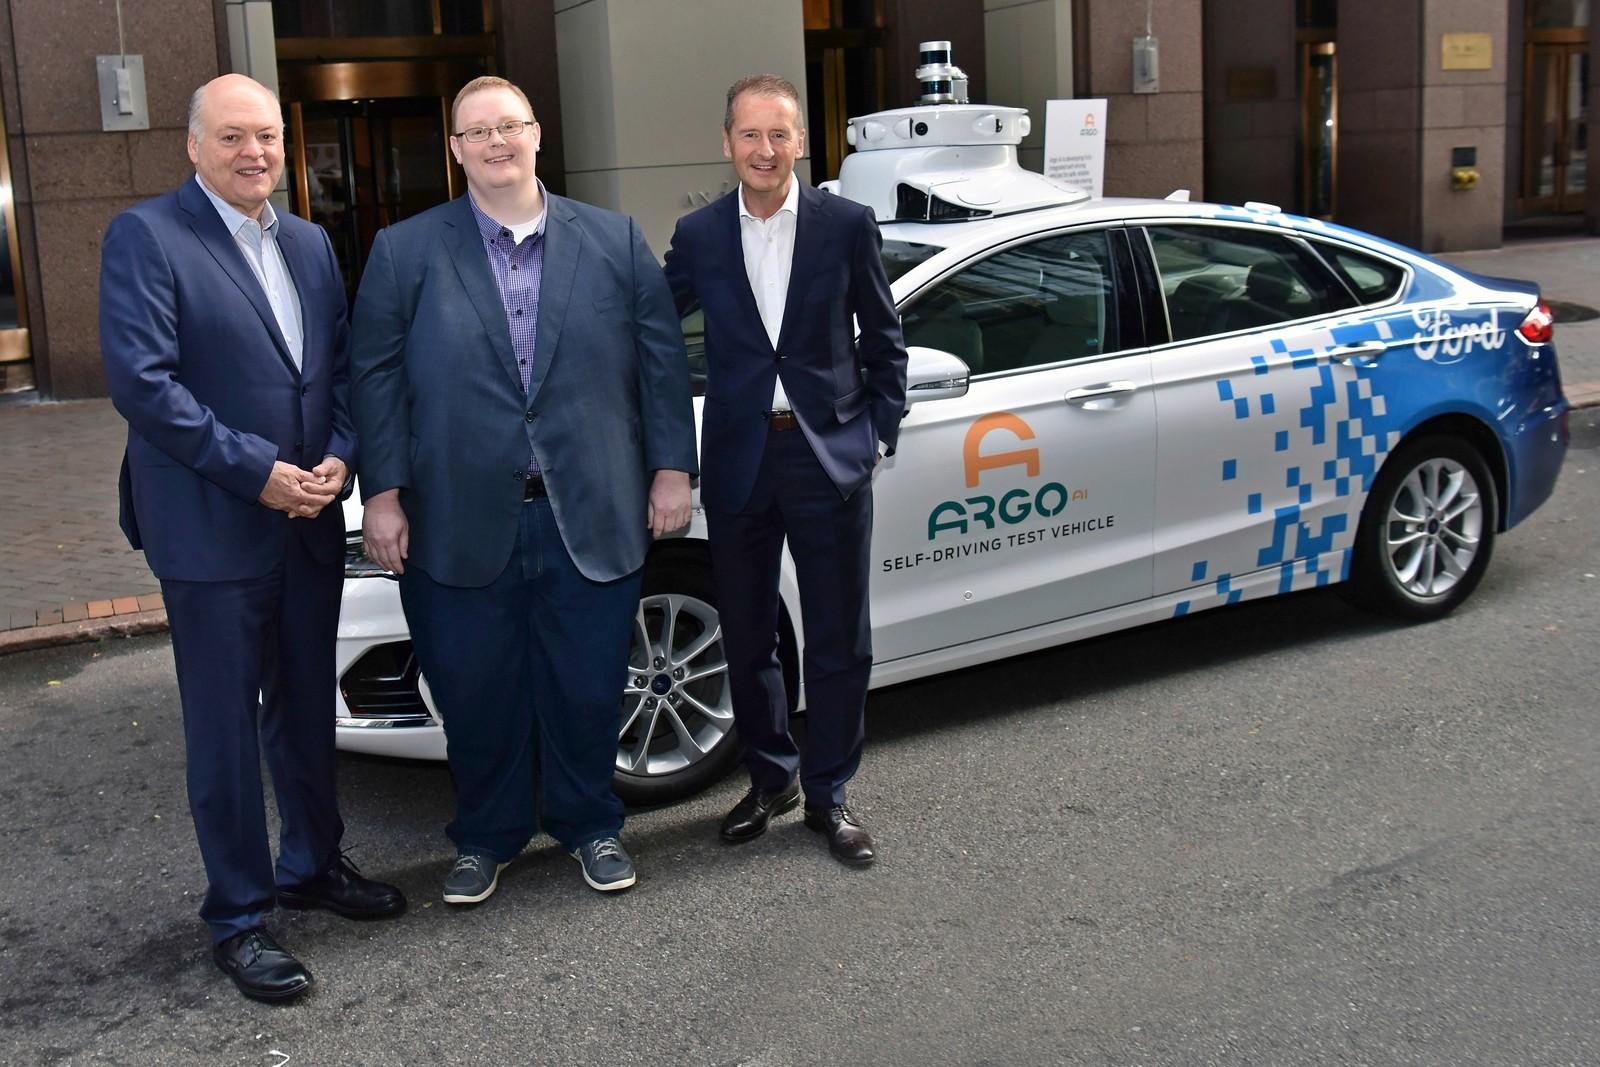 Исполнительный директор Argo AI Брайан Салески (в центре) получит от Джима Хэкетта и Герберта Дисса дополнительную финансовую и кадровую поддержку.